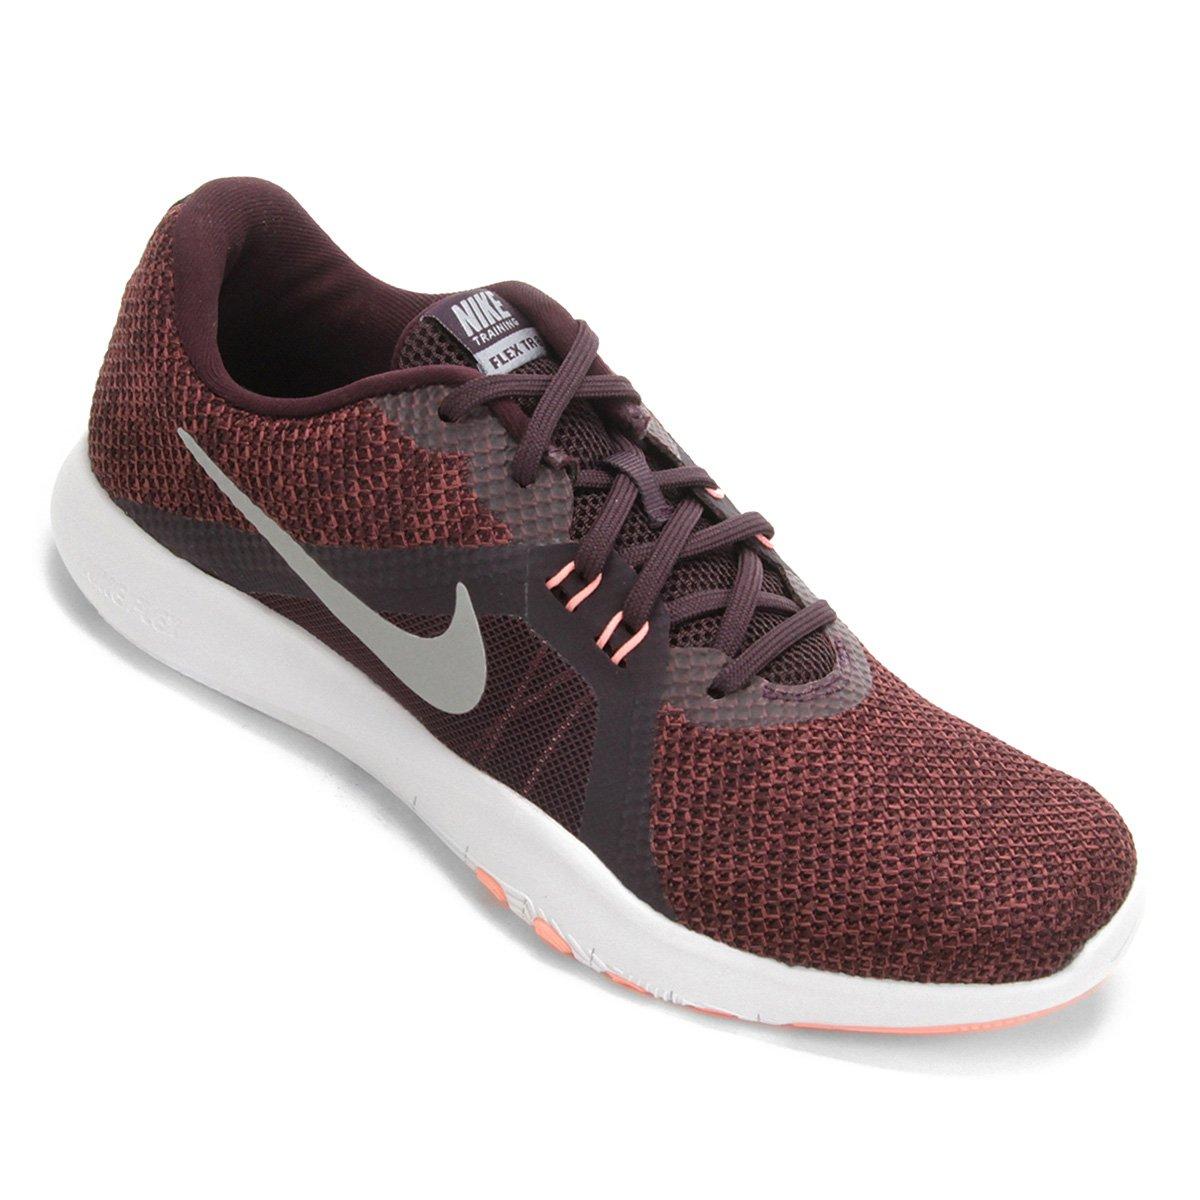 cf2020f5185 Tênis Nike Flex Trainer 8 Feminino - Vinho e Prata - Compre Agora ...